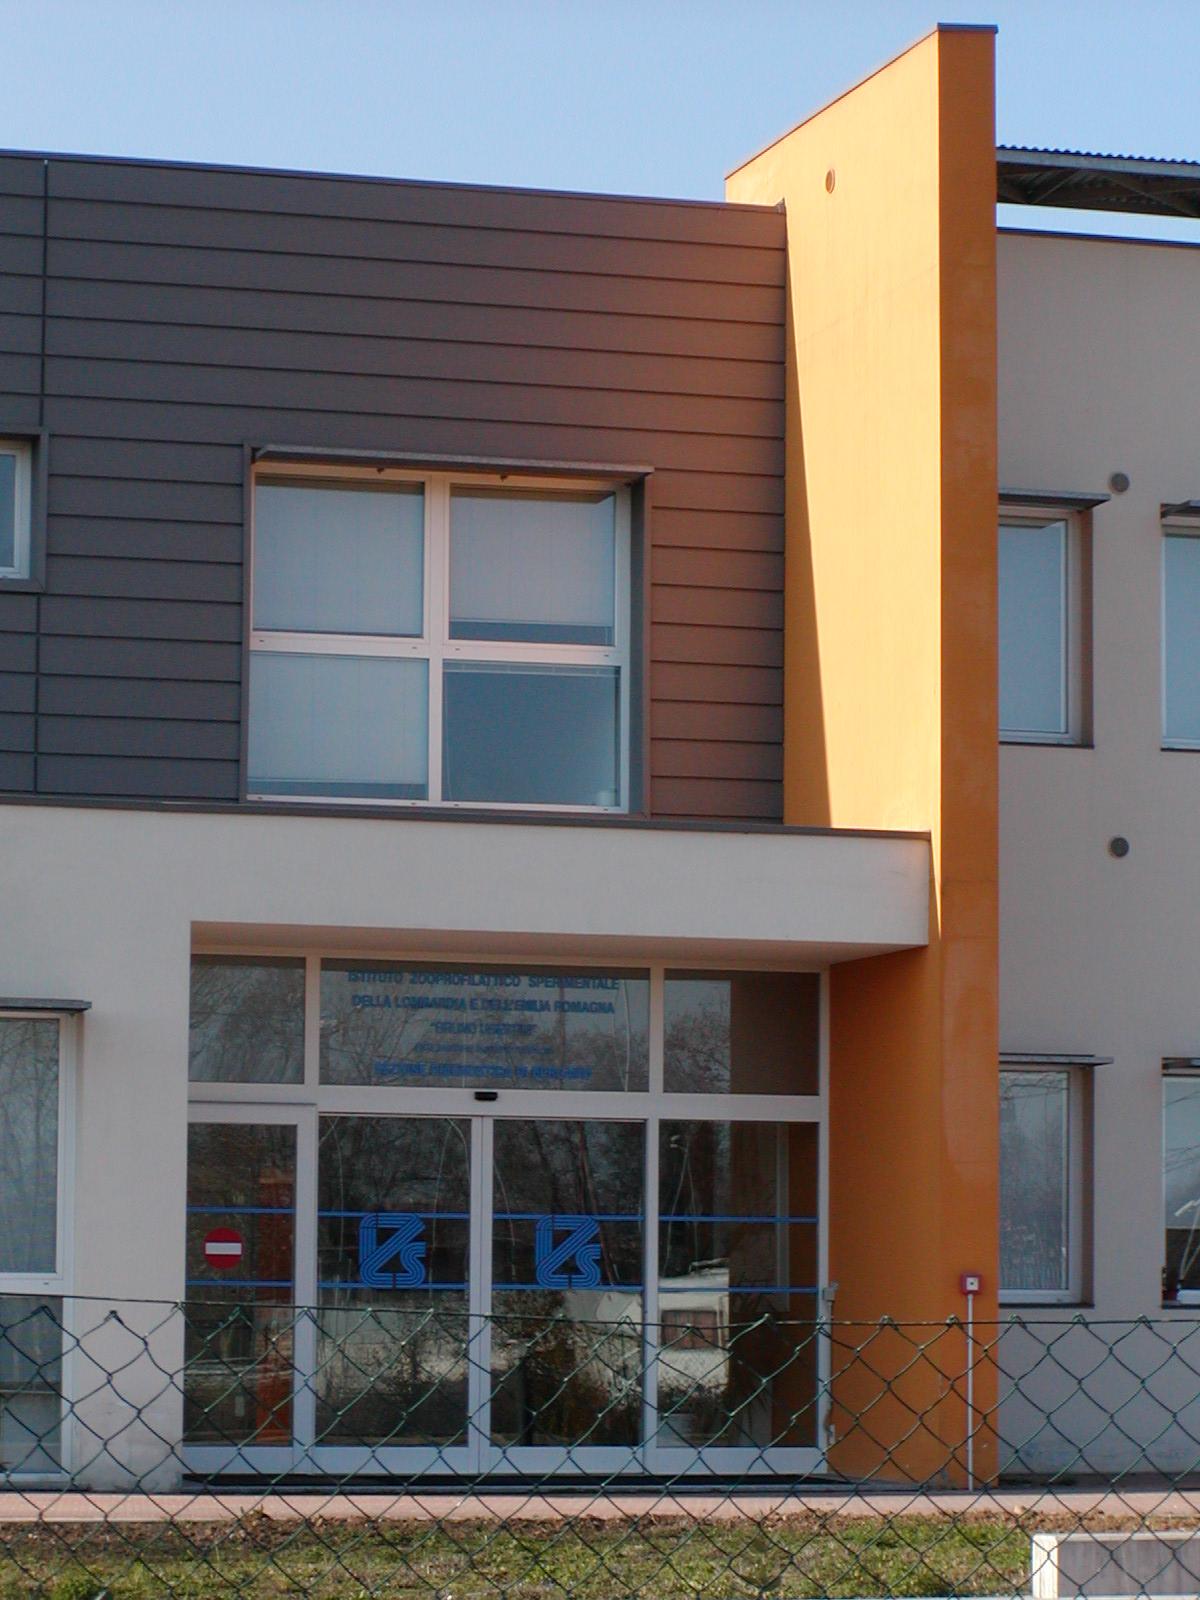 Studio-di-architettura-Baisotti-Sigala-prgetti22